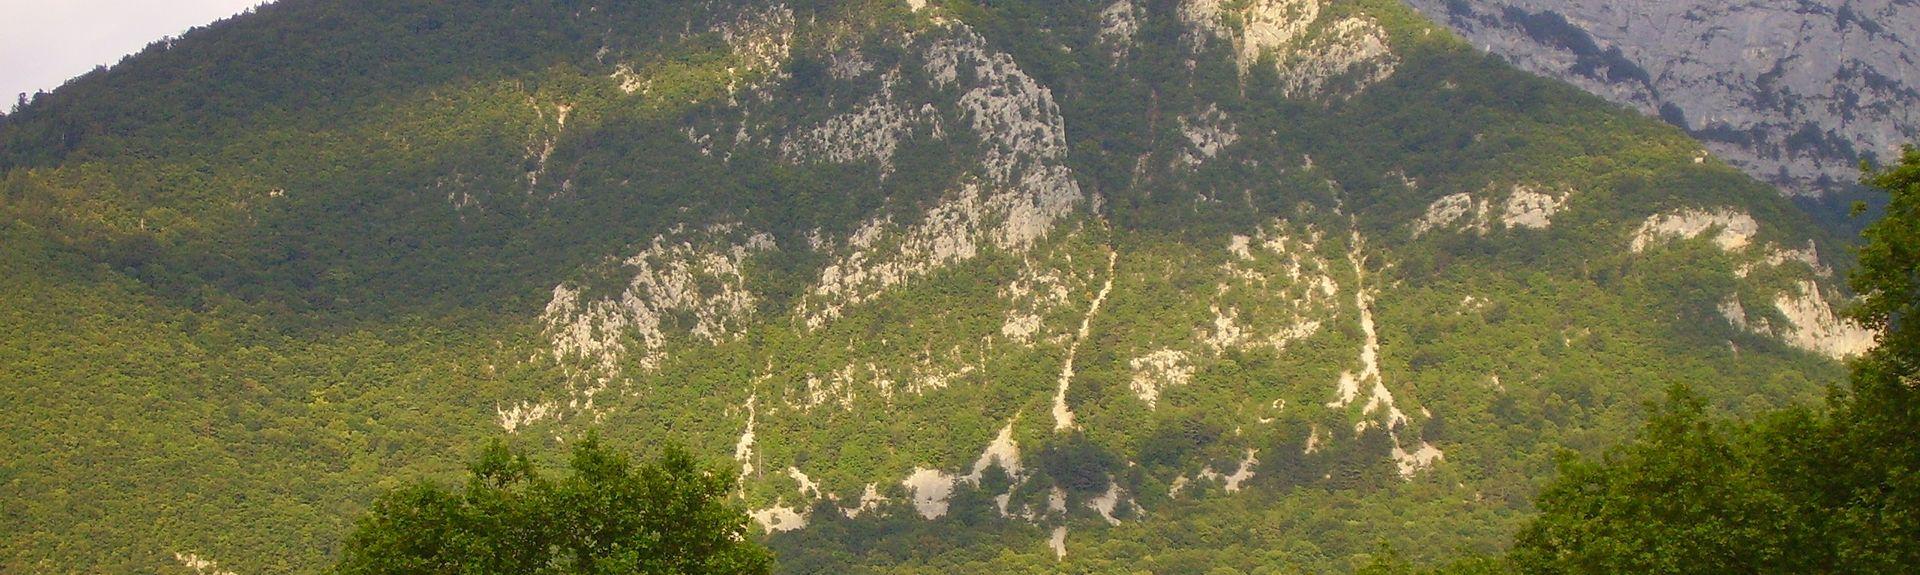 Thusy, Auvergne-Rhône-Alpes, Frankreich